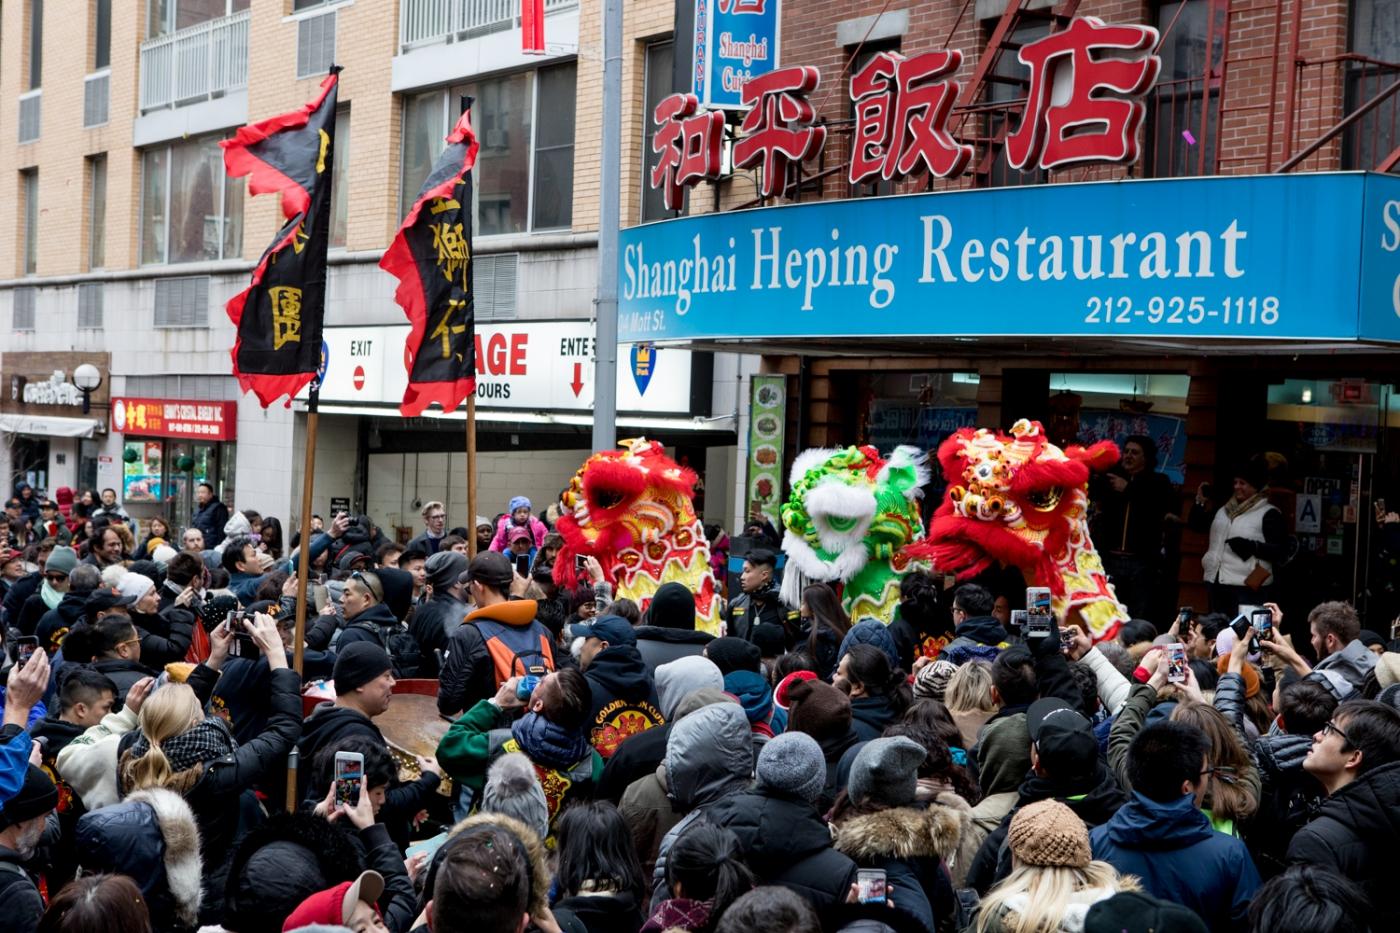 美國春節好熱鬧    ----紐約曼哈頓唐人街大年初一 20170128_图1-6